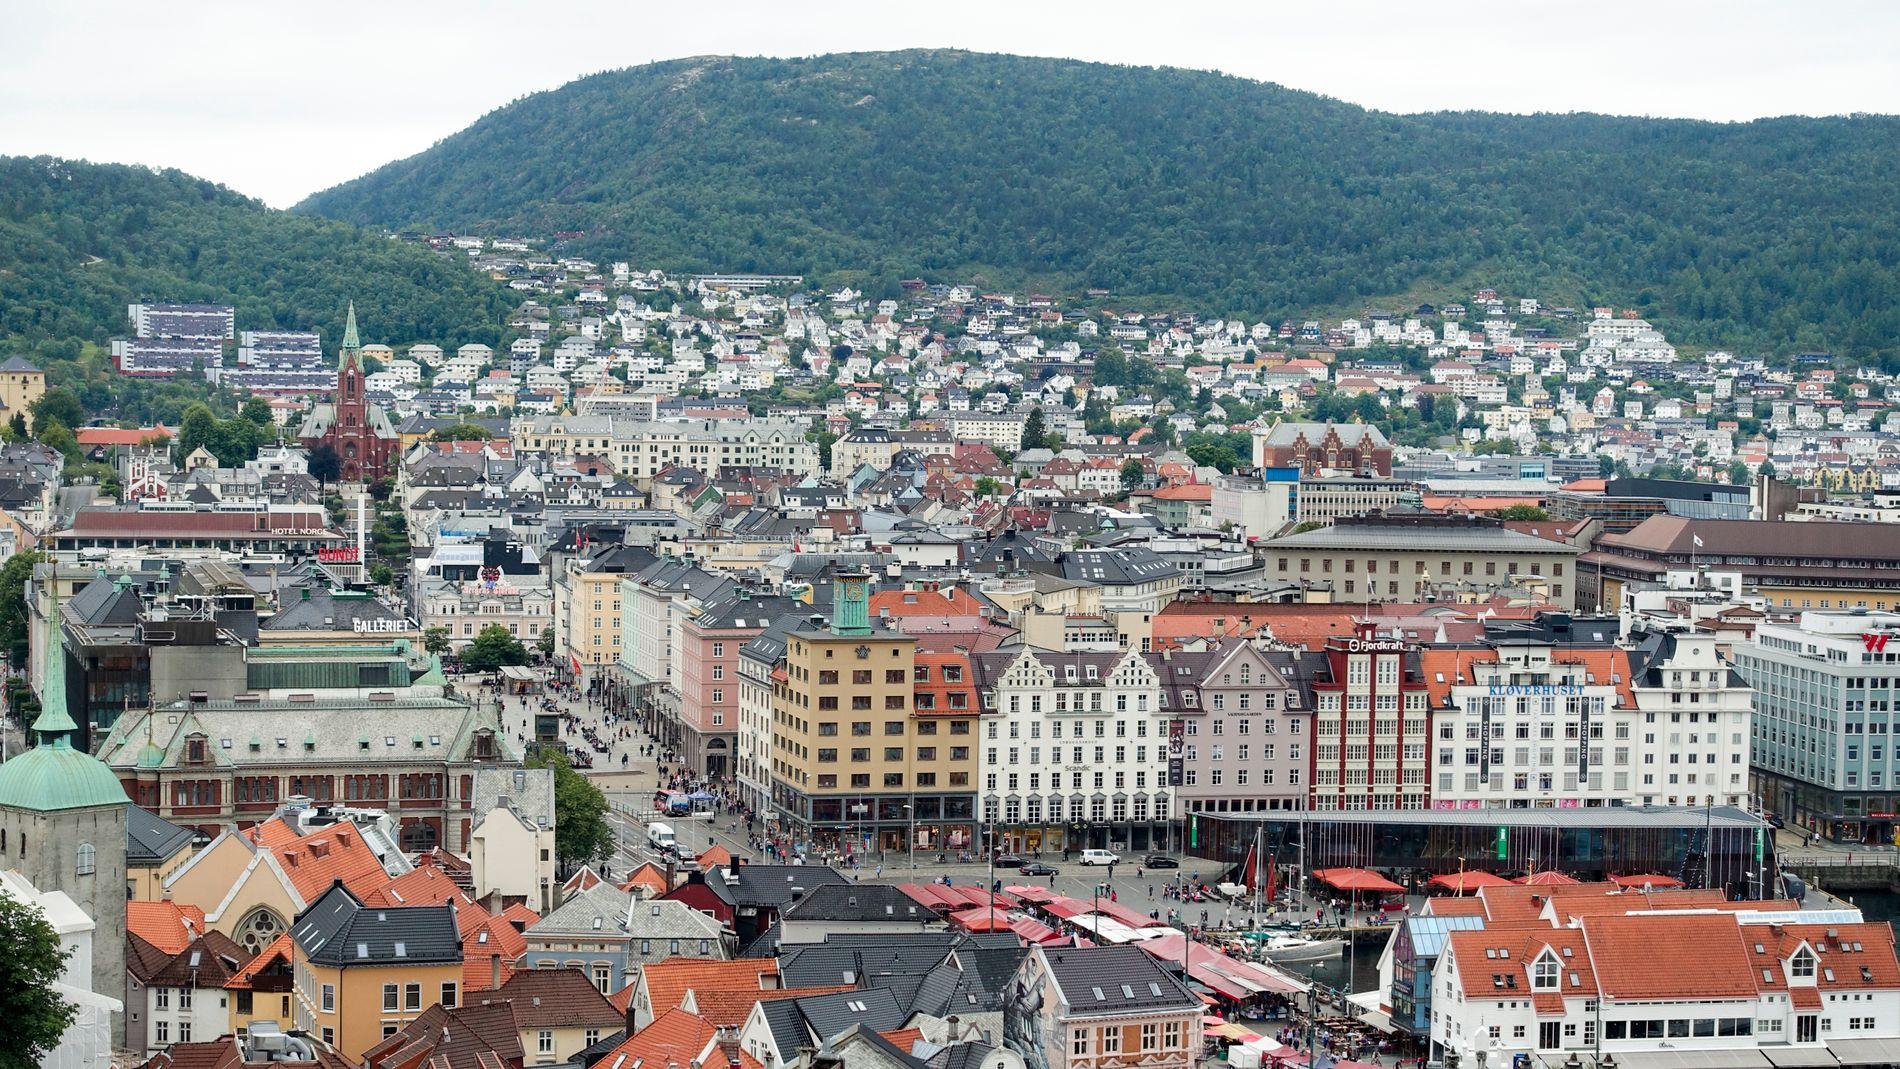 GIKK MOTSTRØMS: Ikke alle steder av landet bidro til den sterke prisveksten på landsbasis i august. I Bergen sank de gjennomsnittlige salgsprisene med 0,2 prosent.